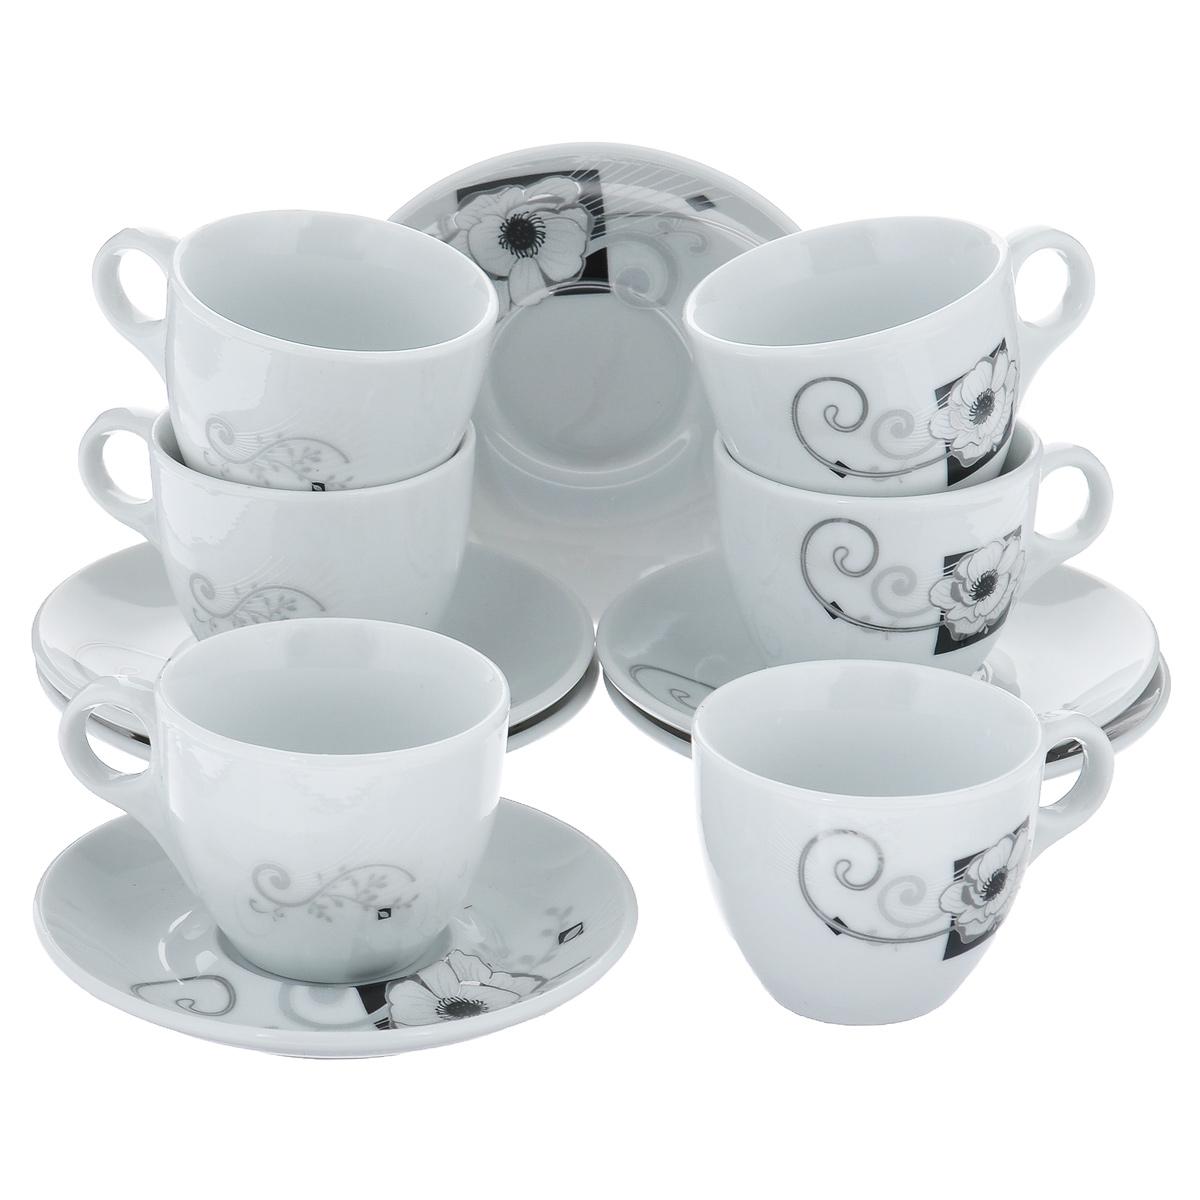 Набор кофейный Bekker, 12 предметов. BK-6815VT-1520(SR)Набор кофейный Bekker состоит из 6 чашек и 6 блюдец. Чашки и блюдца изготовлены из высококачественного фарфора с изображением цветов. Такой дизайн, несомненно, придется по вкусу и ценителям классики, и тем, кто предпочитает утонченность и изящность. Набор кофейный на подставке Bekkerукрасит ваш кухонный стол, а также станет замечательным подарком к любому празднику. Набор упакован в подарочную коробку из плотного цветного картона. Внутренняя часть коробки задрапирована белой атласной тканью, и каждый предмет надежно крепится в определенном положении благодаря особым выемкам в коробке. Можно мыть в посудомоечной машине.